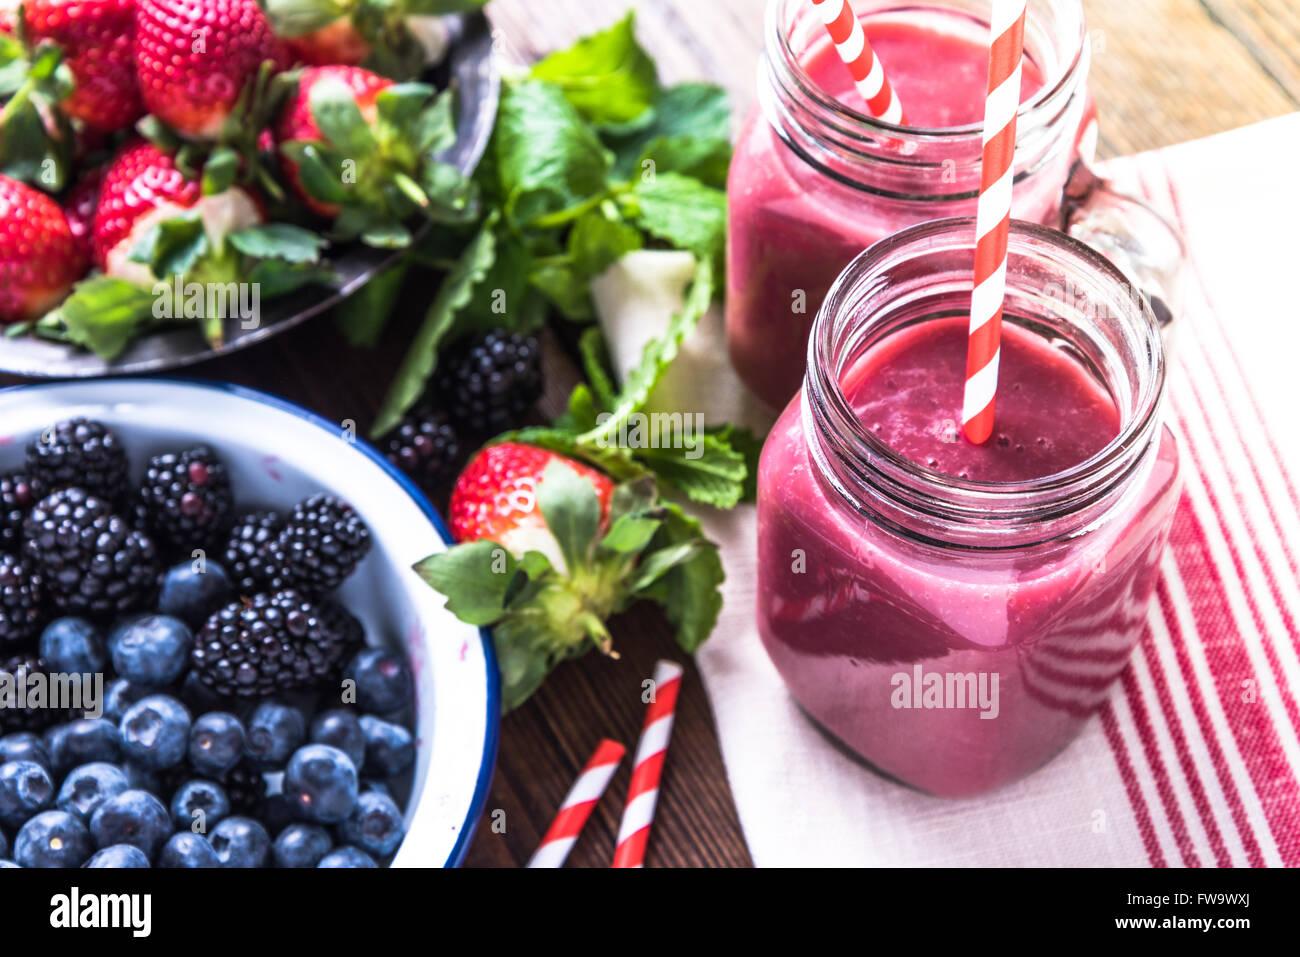 Bien-être et perte de poids concept, berry smoothie.Sur une table en bois avec des ingrédients, d'en Photo Stock